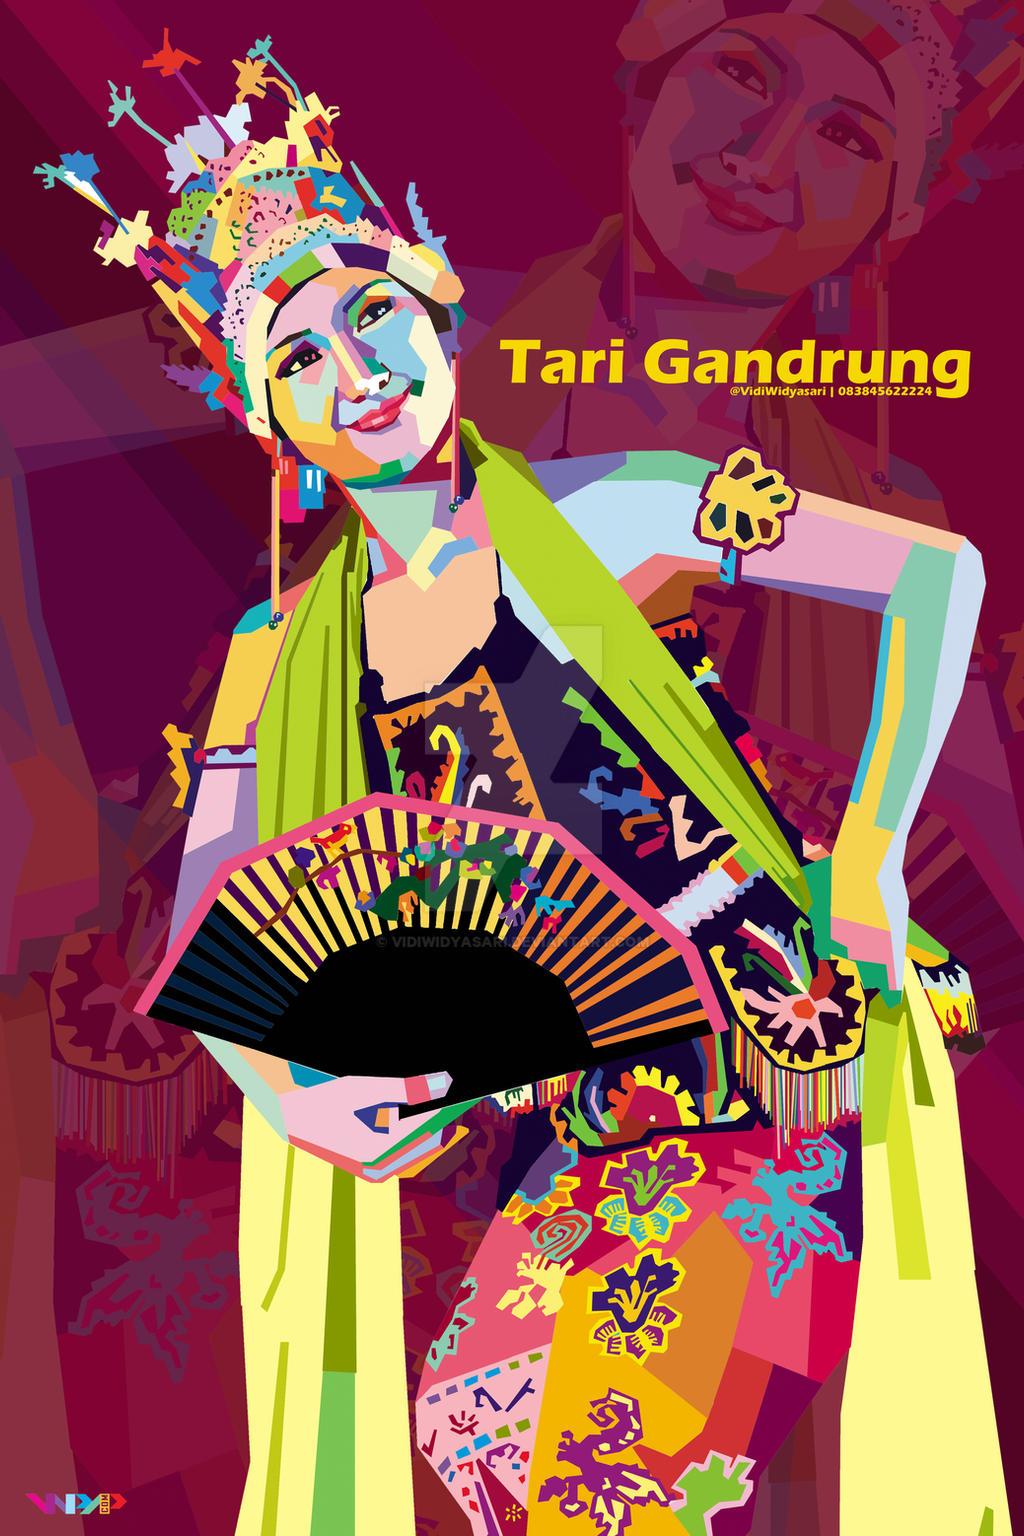 Tari Gandrung Banyuwangi, Indonesia versi 2